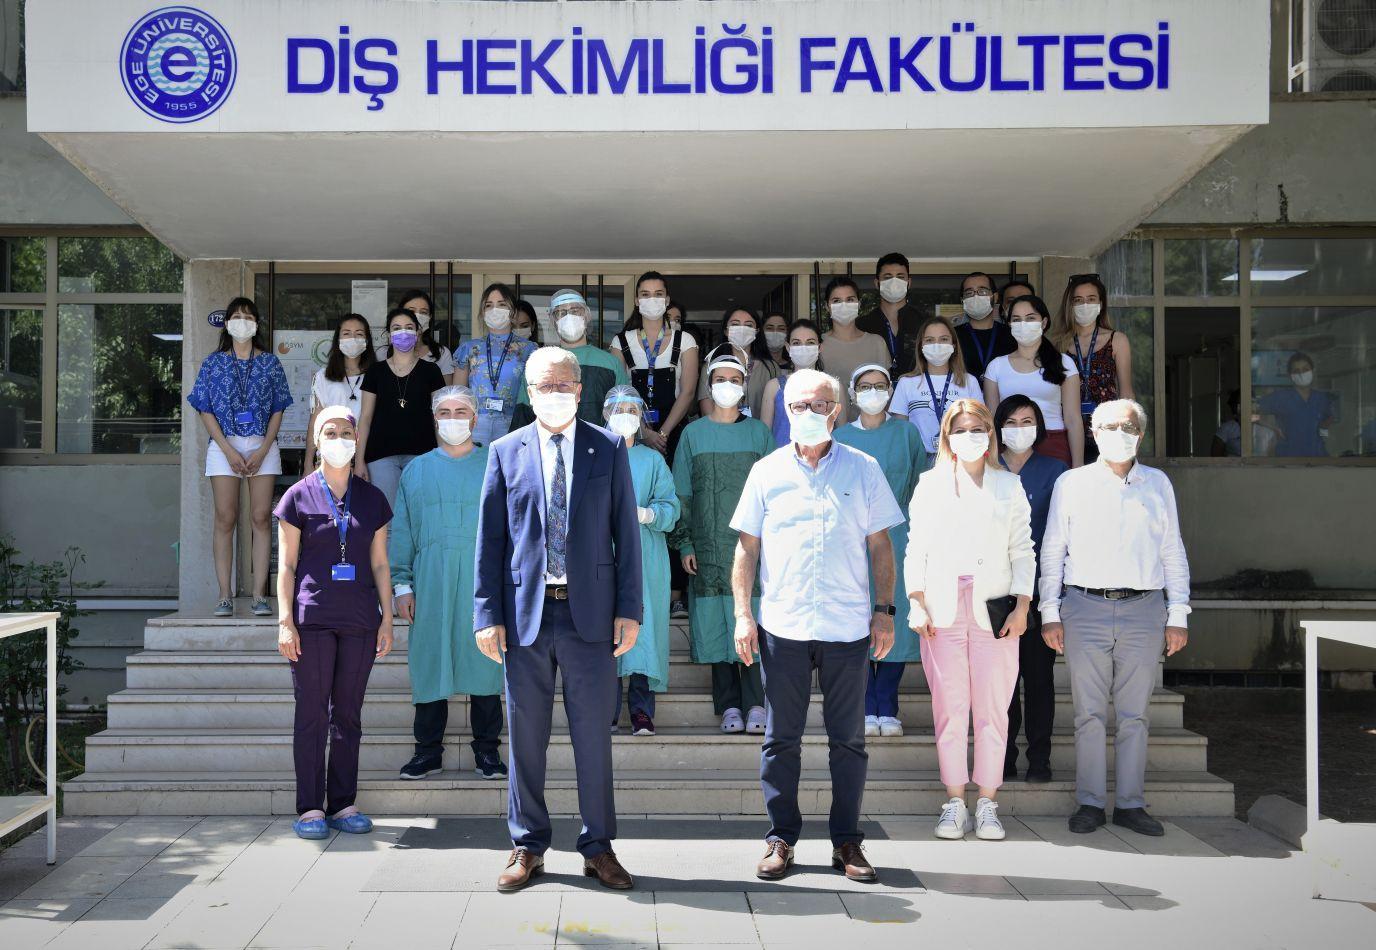 """Prof. Dr. Erdilek, """"Ağız ve diş sağlığı bakımında aileler çocuklara örnek olmadır"""""""